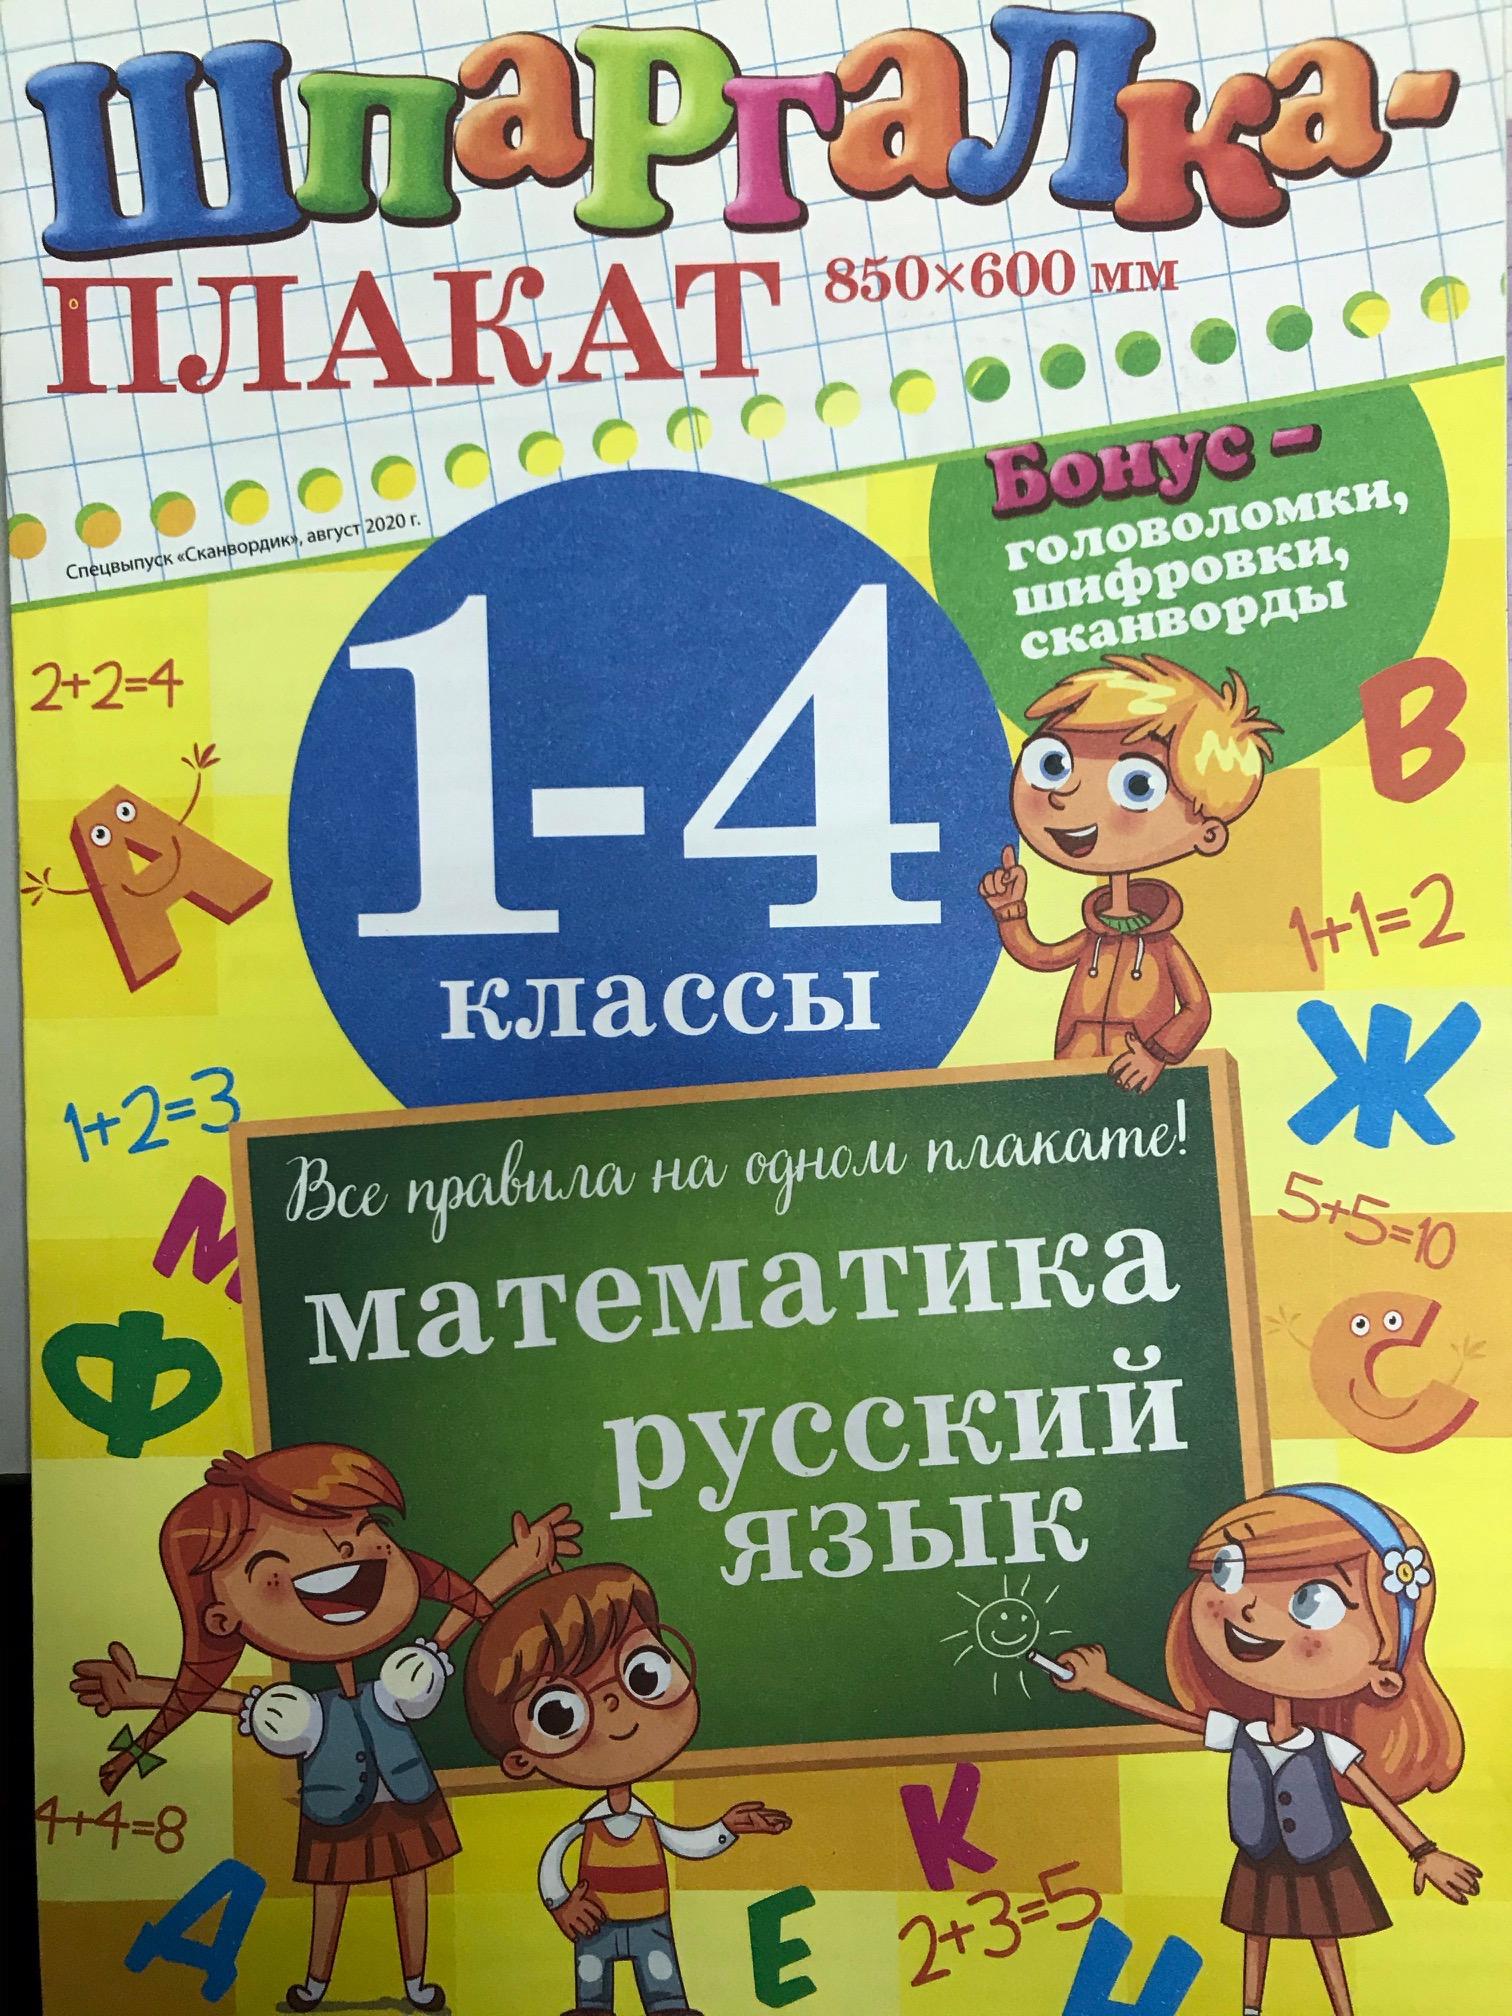 Шпаргалка-плакат